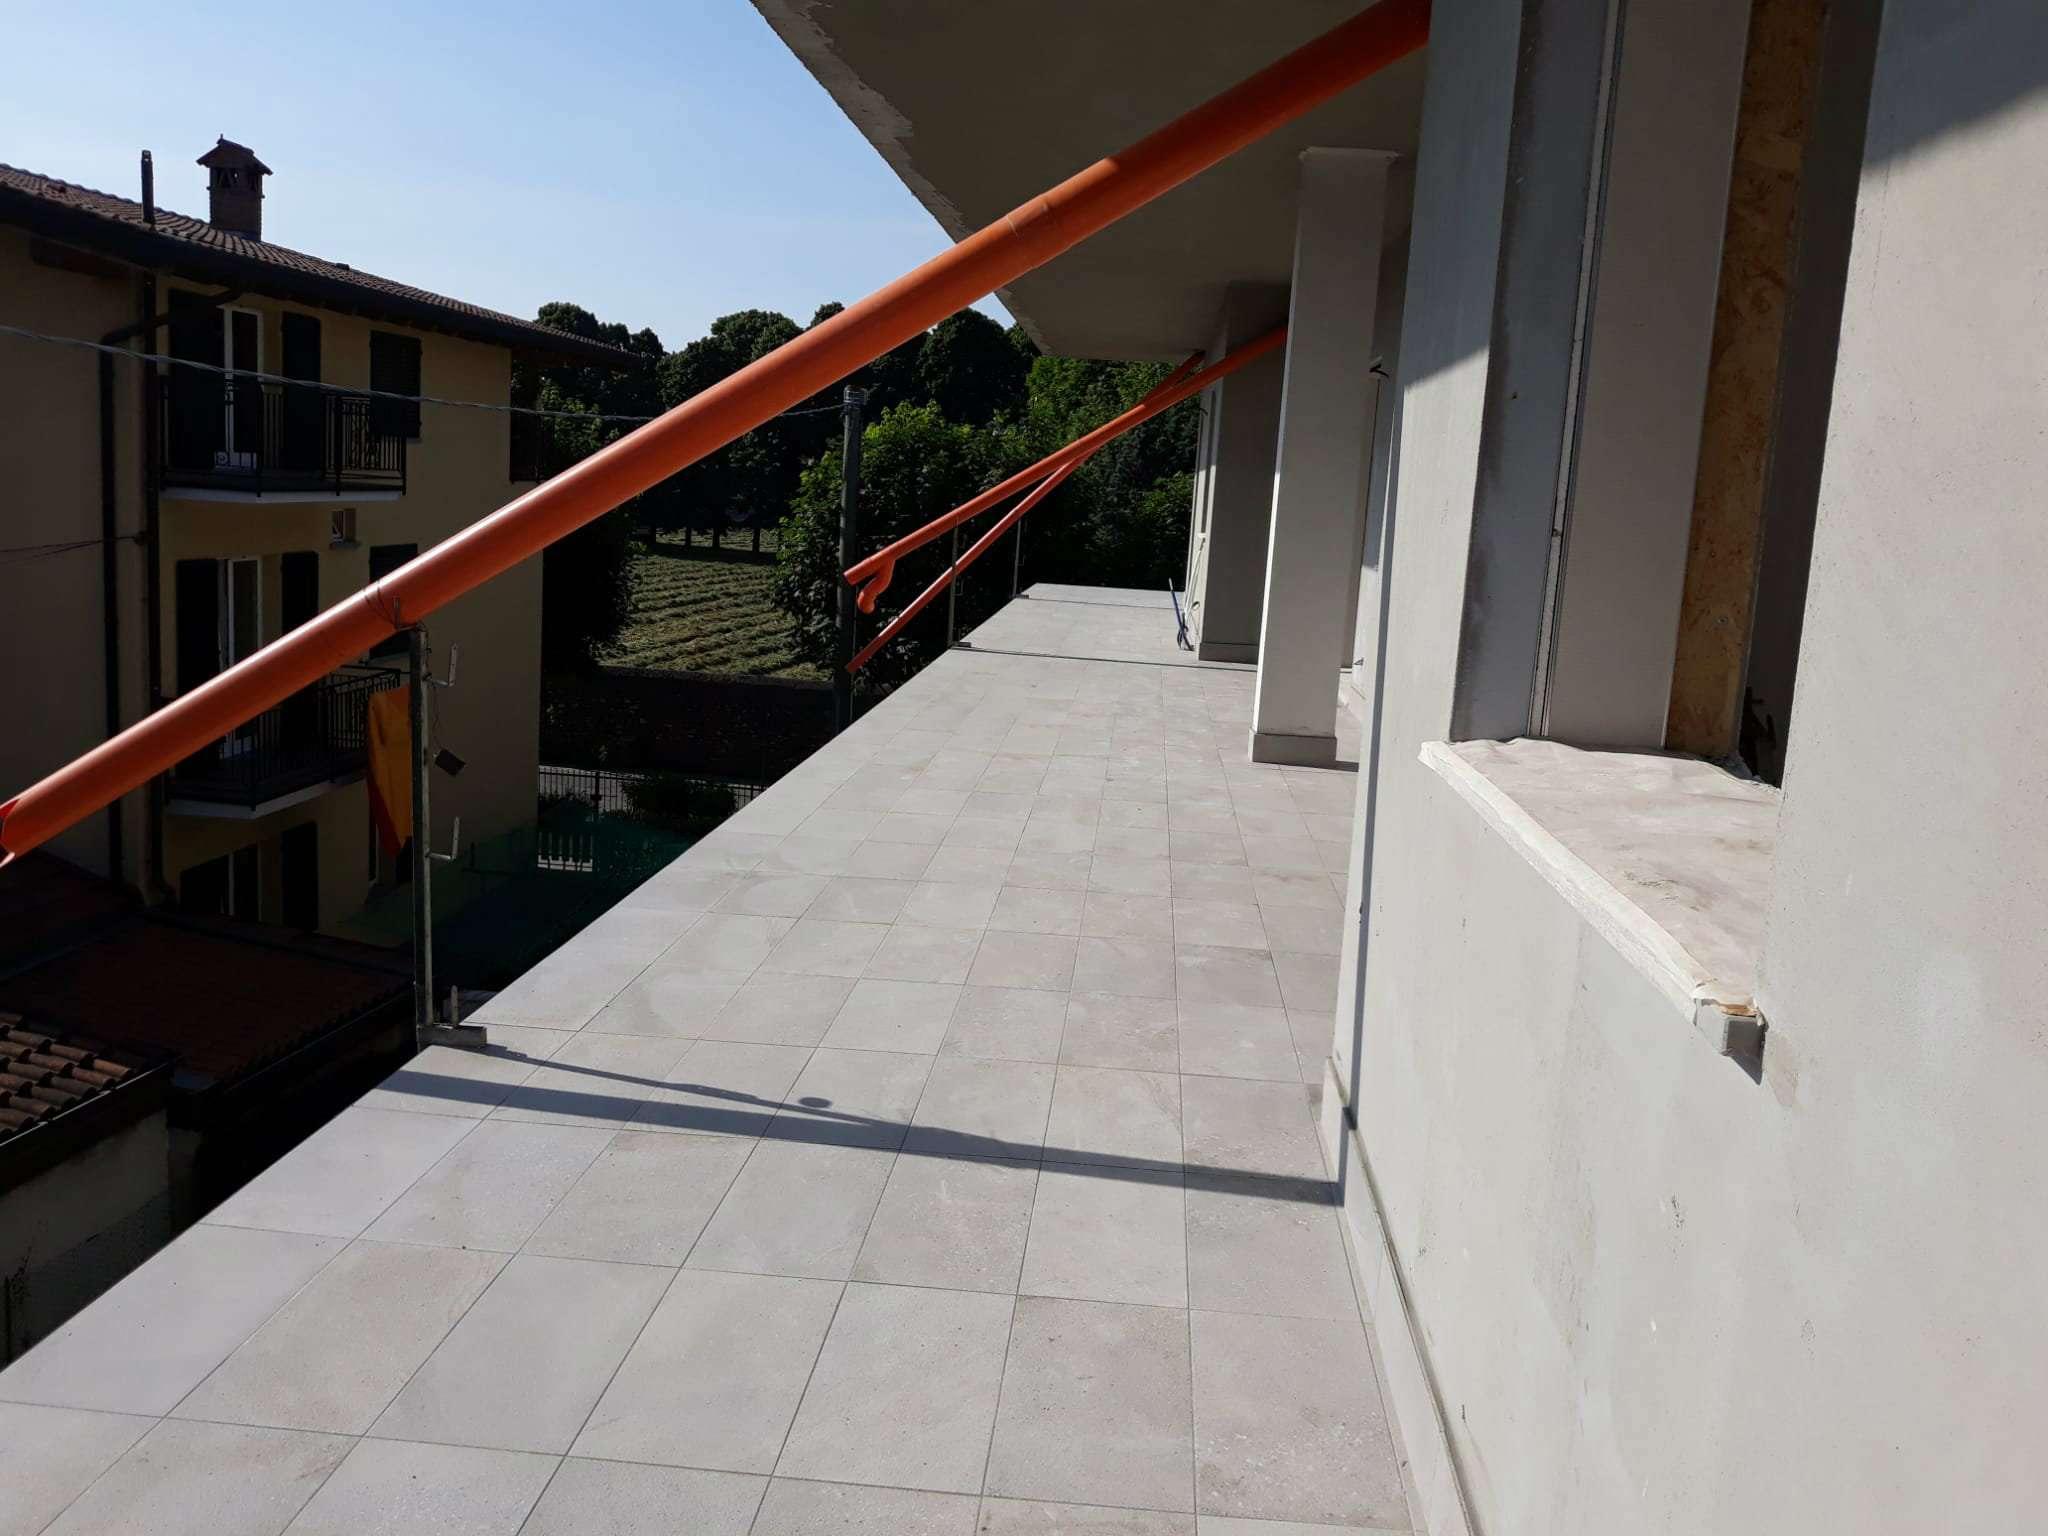 Attico / Mansarda in vendita a Valbrembo, 4 locali, prezzo € 400.000 | PortaleAgenzieImmobiliari.it